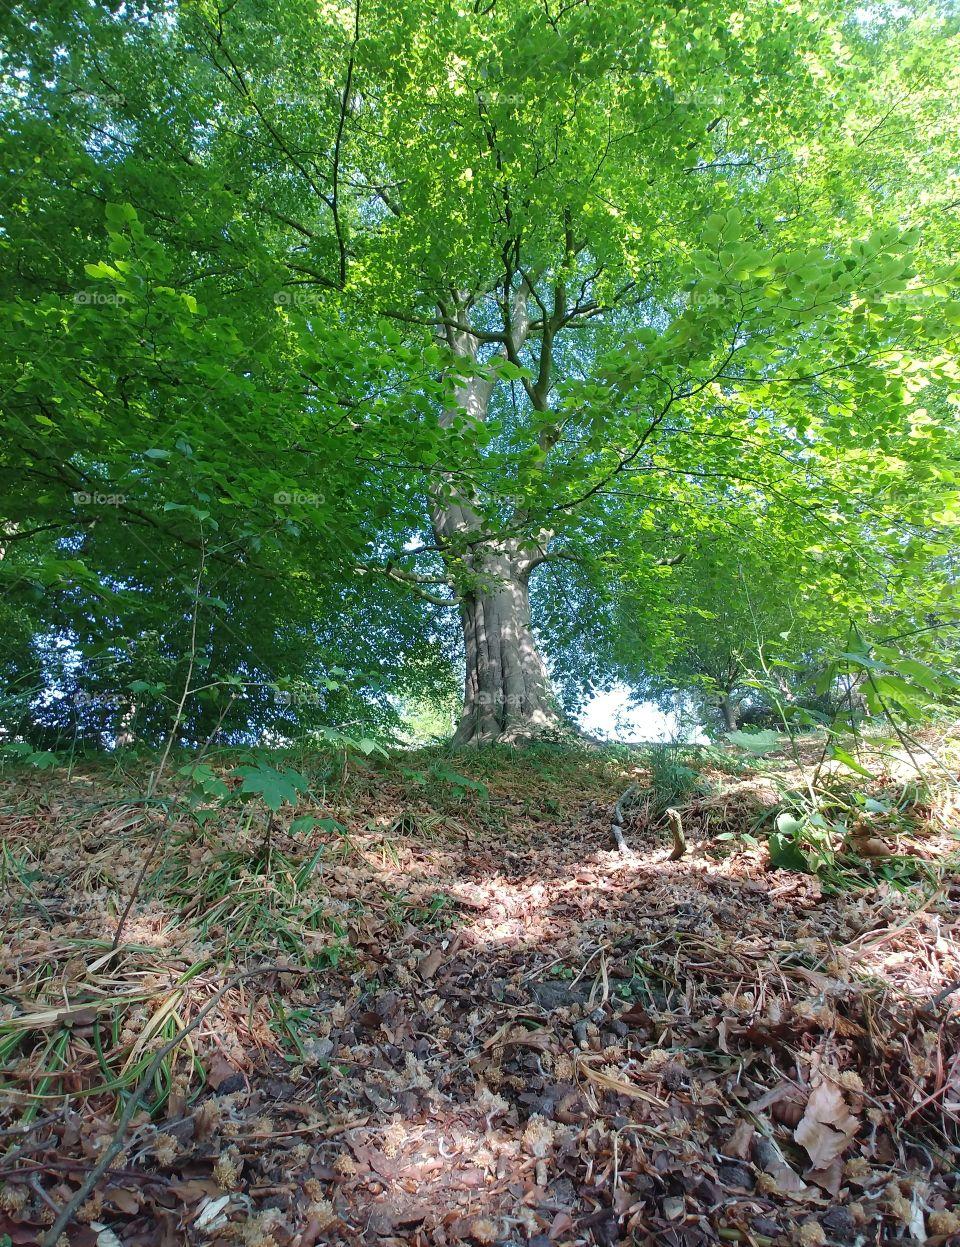 baum Natur nature tree big beautyful boden erde live. kraft grün outdoor